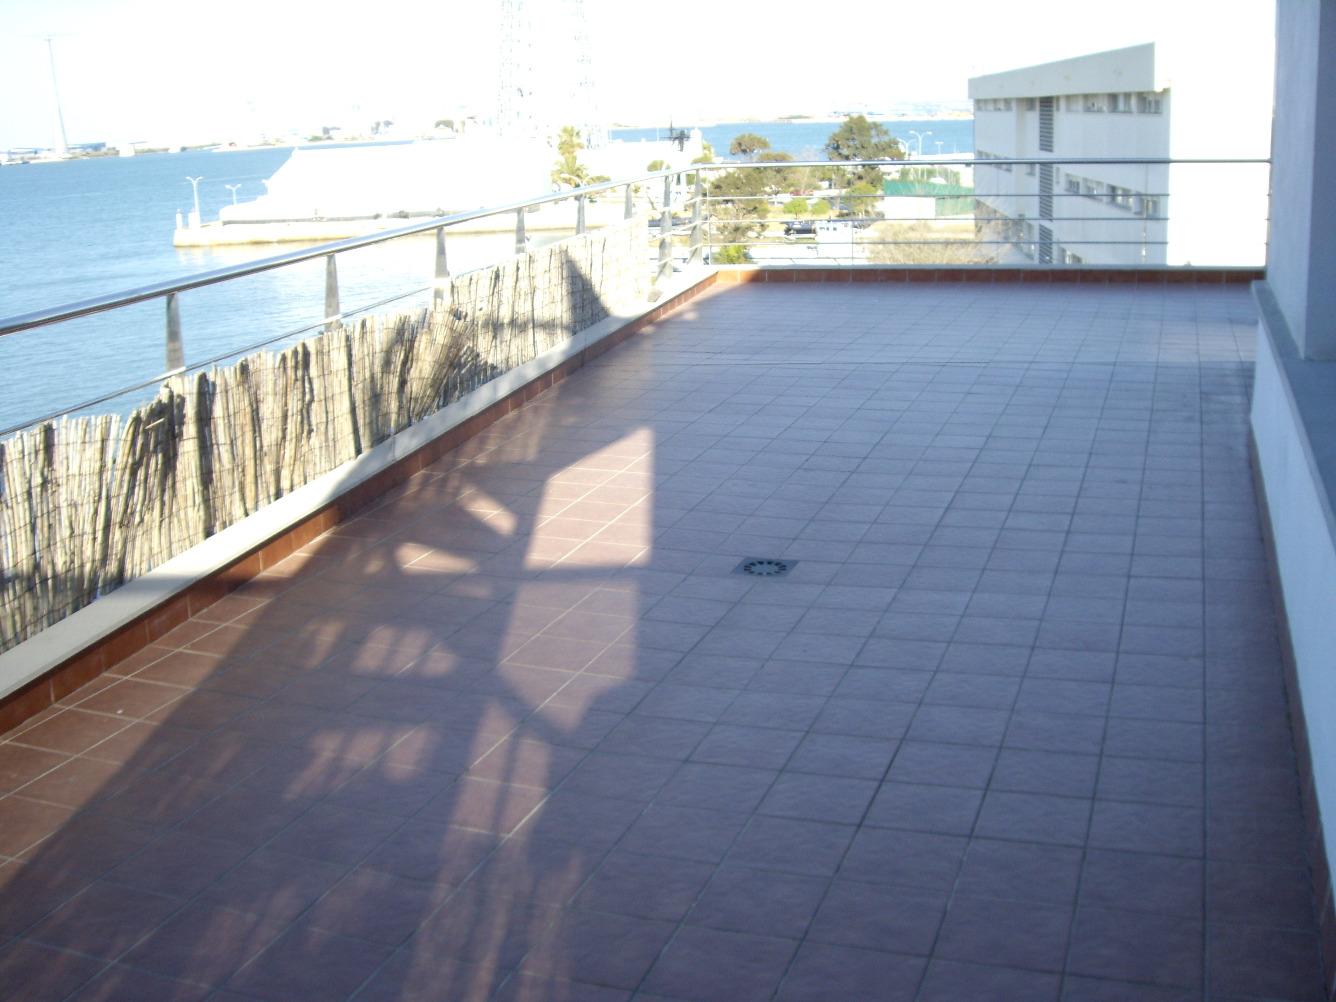 Ático en alquiler en Cádiz Capital - Puntales - Zona Franca